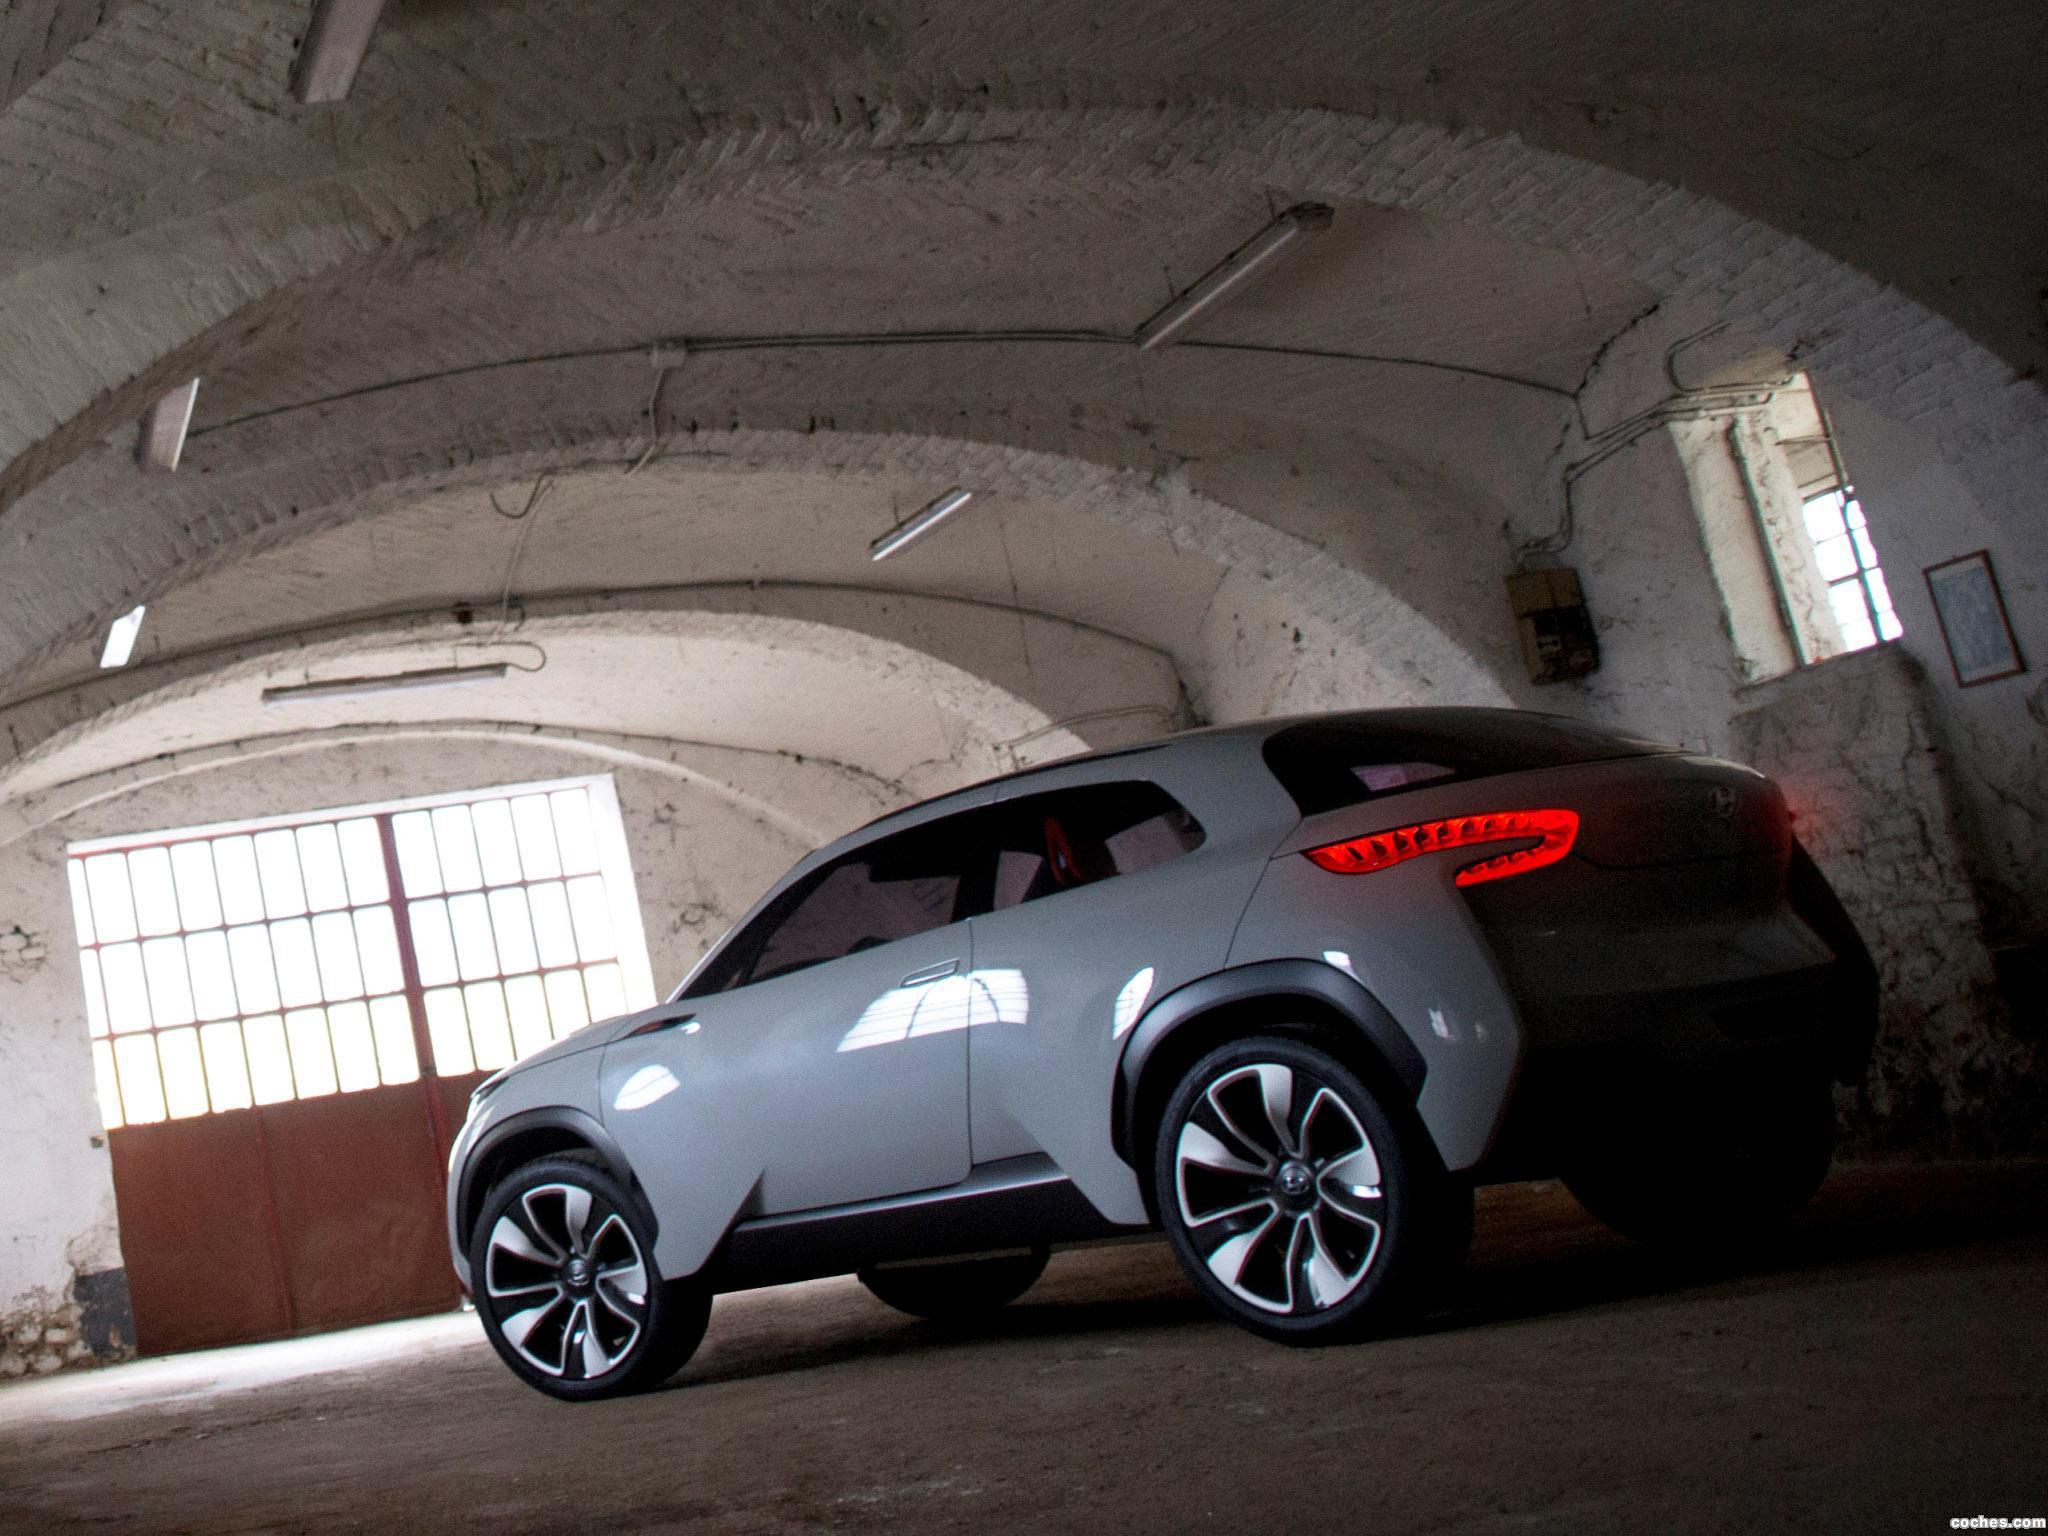 Foto 1 de Hyundai Intrado Concept 2014